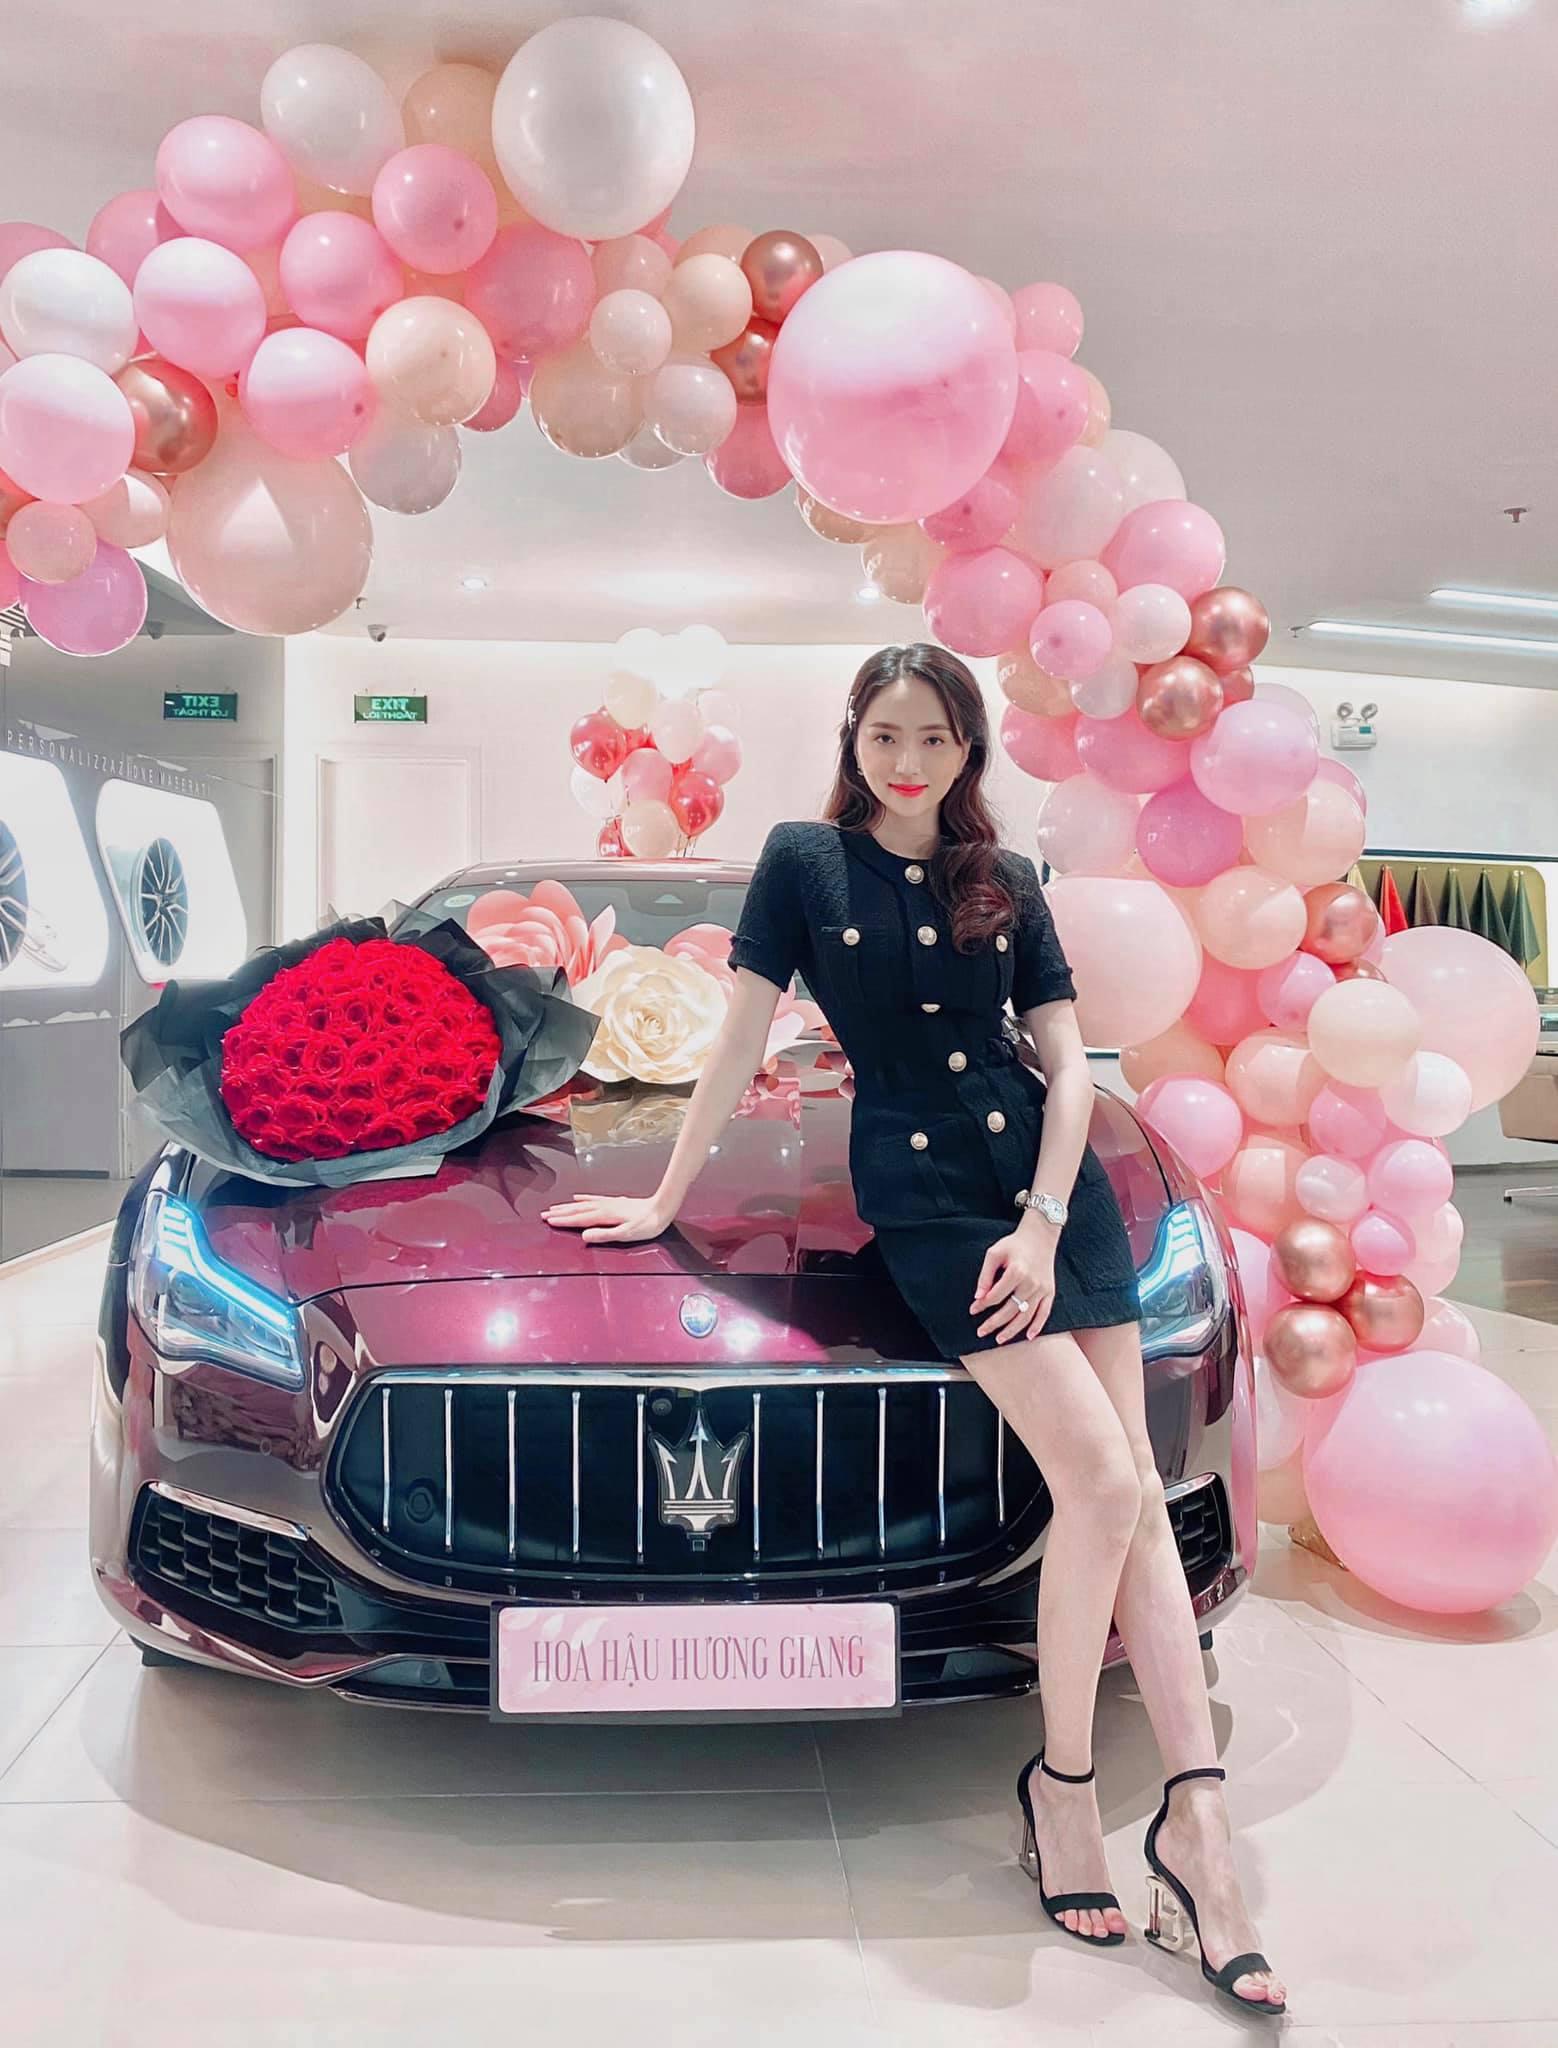 Hẹn hò vài tháng, doanh nhân Singapore chi ngay 8 tỷ mua xế hộp tặng Hương Giang - 1